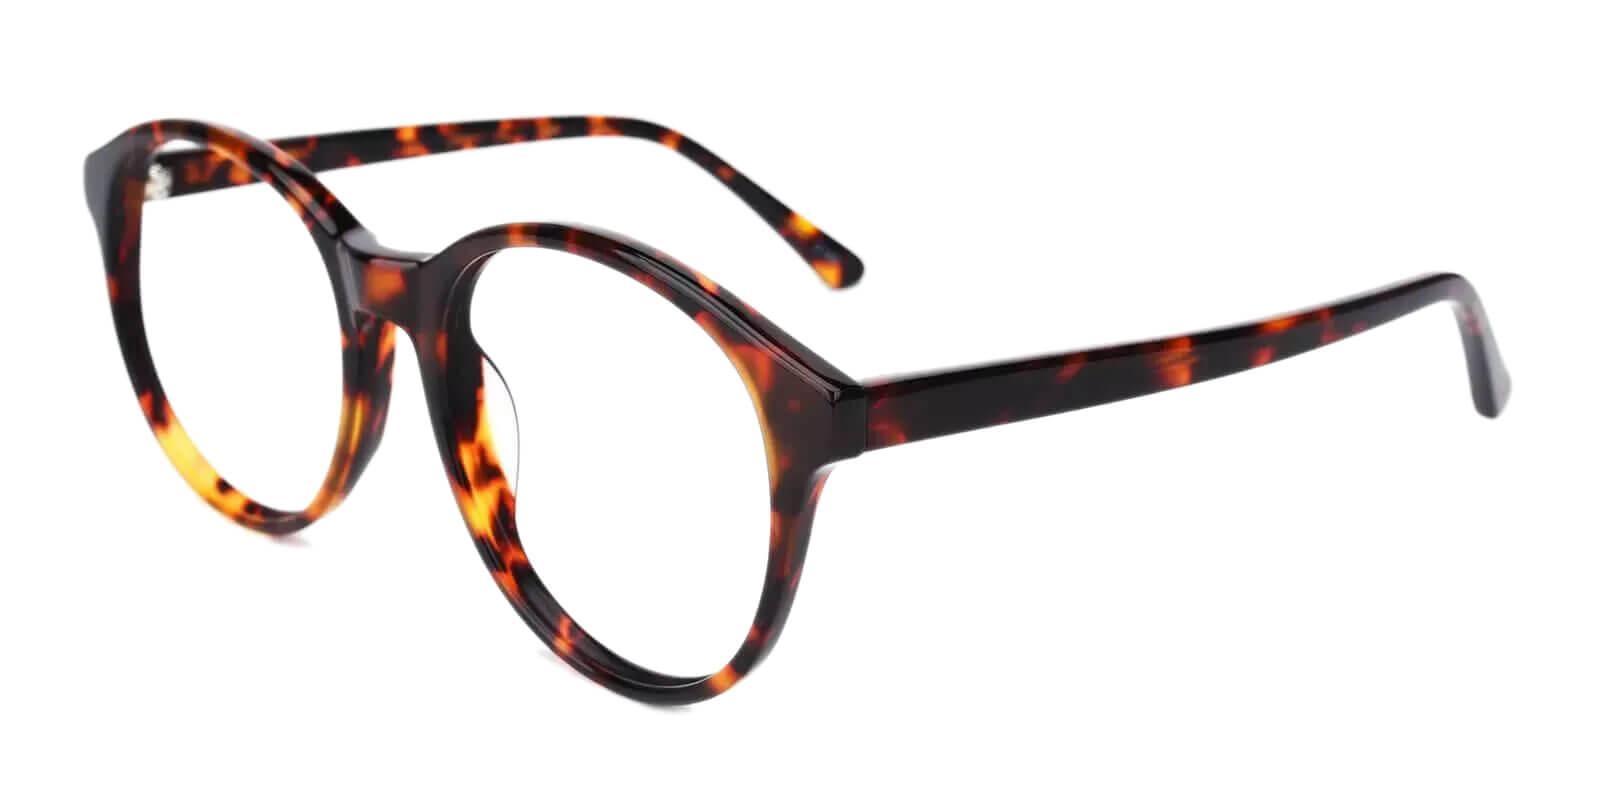 Masontown Tortoise Acetate Eyeglasses , UniversalBridgeFit Frames from ABBE Glasses